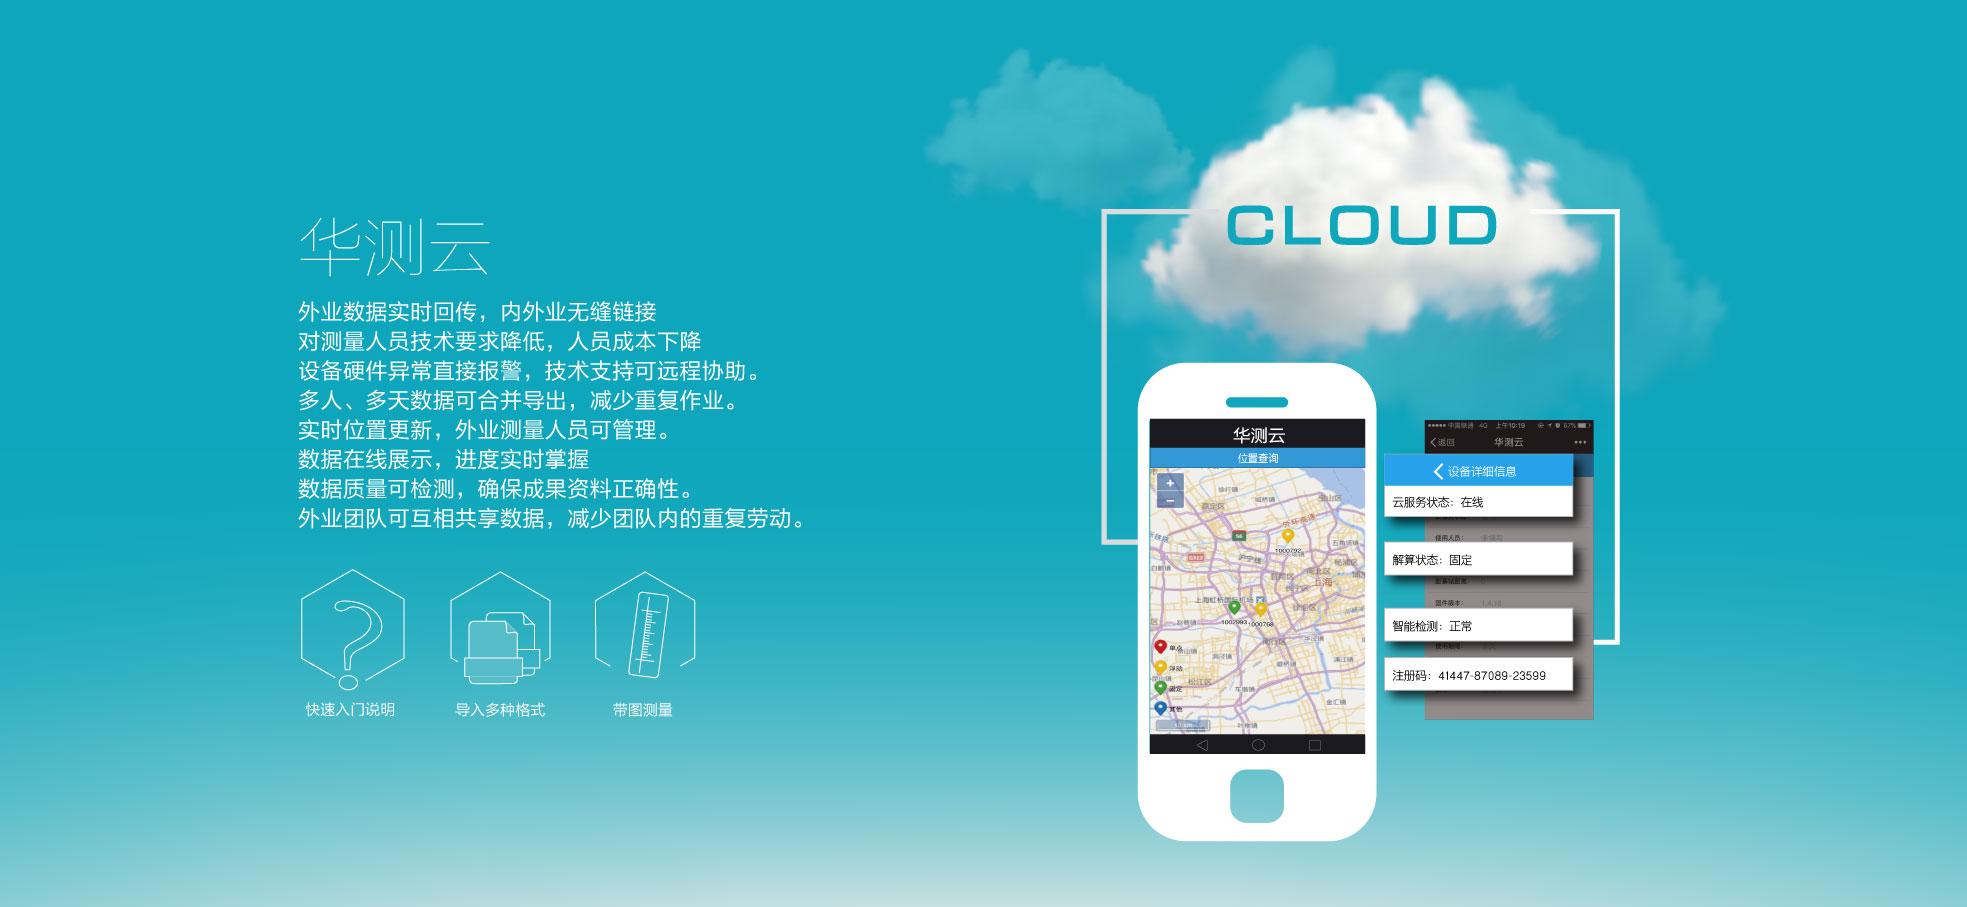 華測導航,華測雲軟件,rtk軟件,雲平台,華測雲數據處理軟件,快速入門指導,支持多格式導入測量